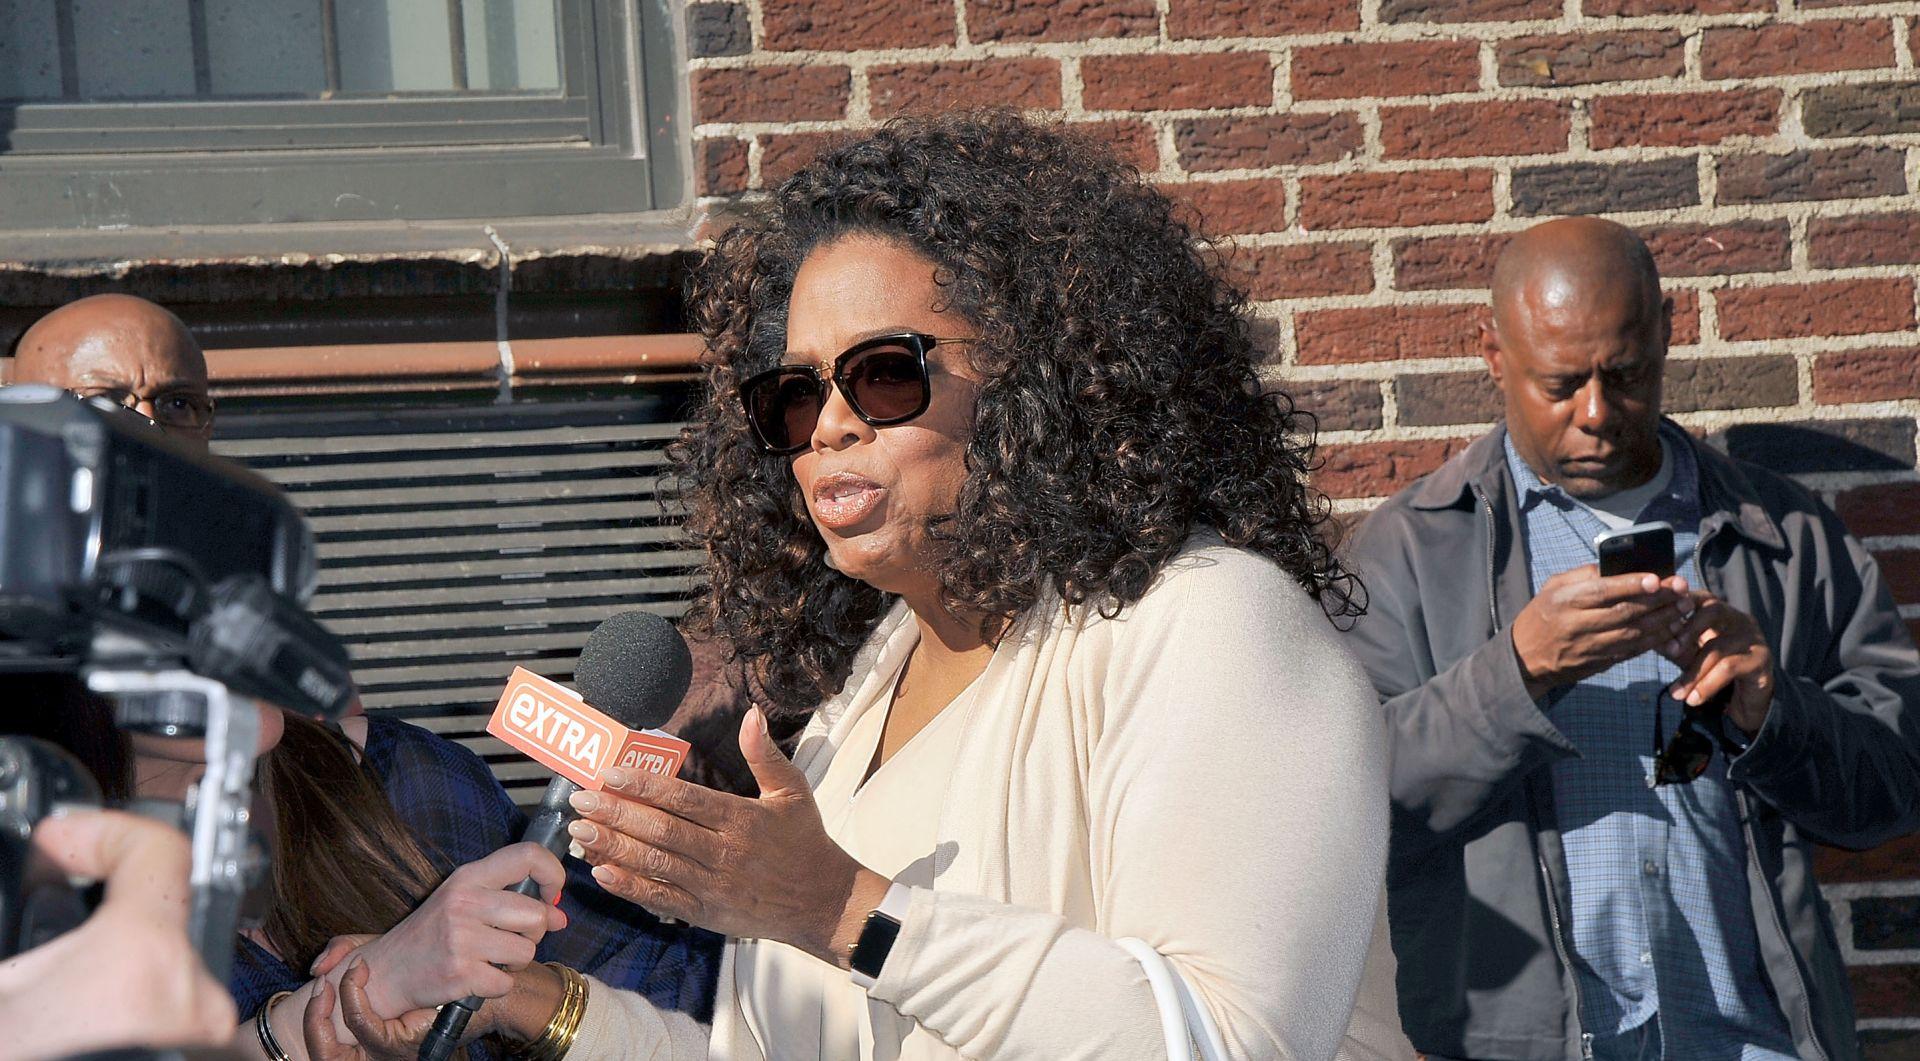 IDEALAN POSAO ZA HRVATE Oprah najpoželjniji šef